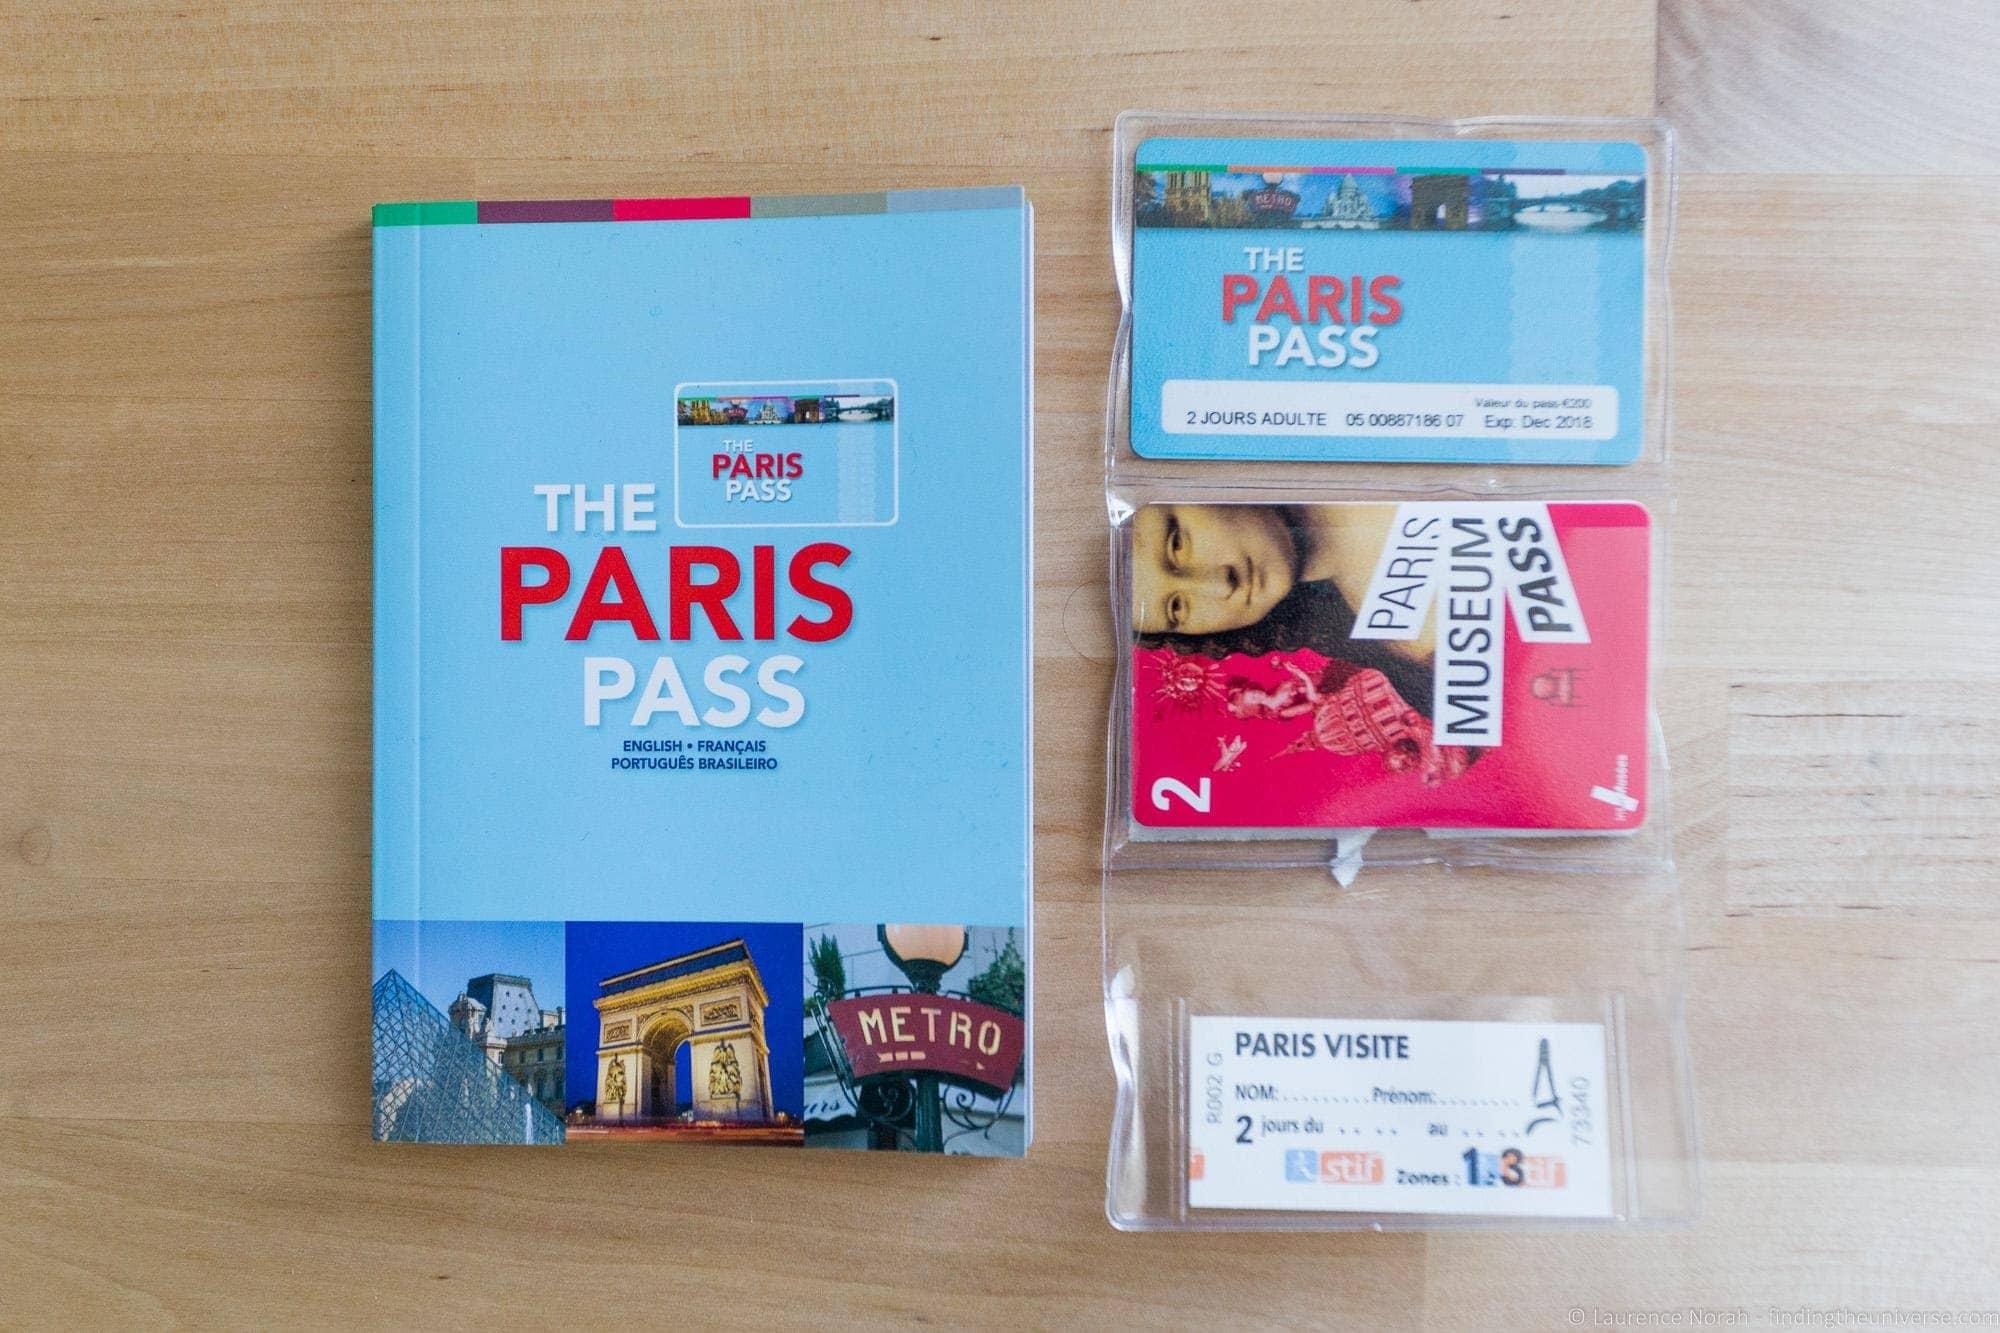 Paris Passes_by_Laurence Norah